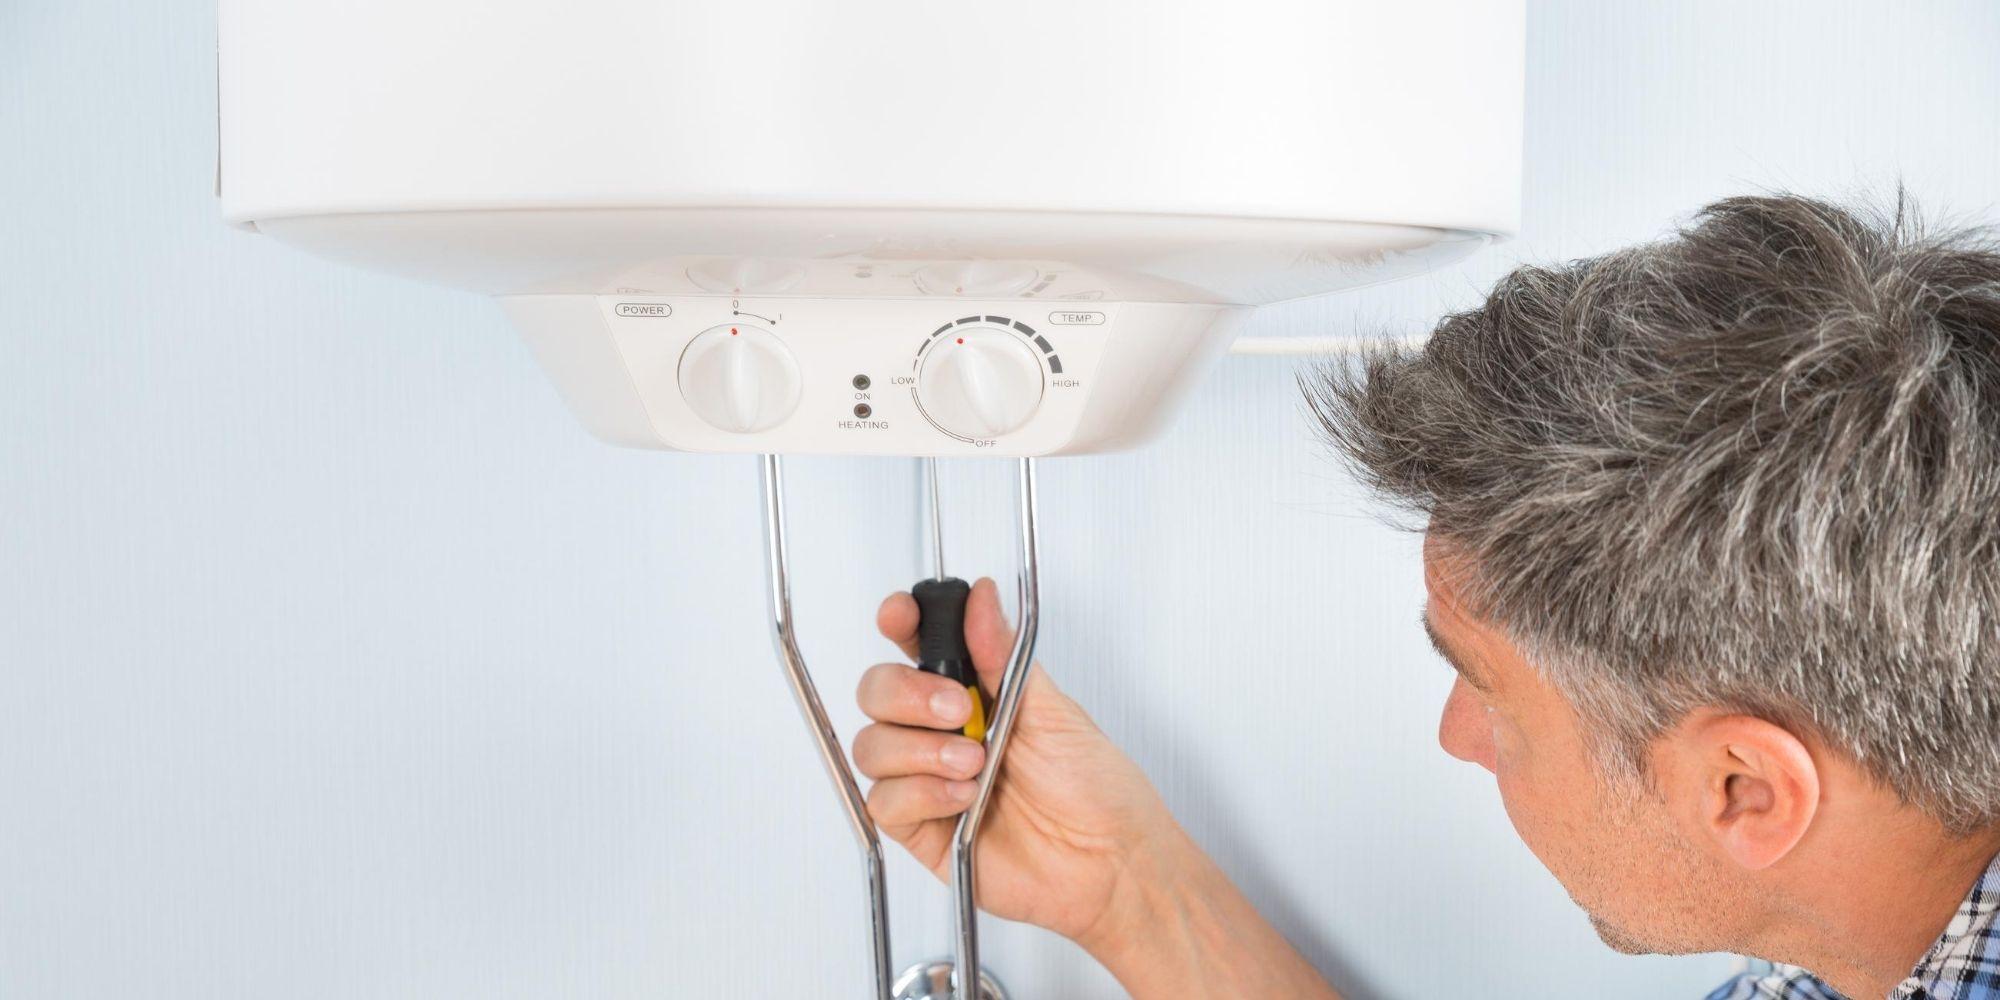 réparer un chauffe-eau